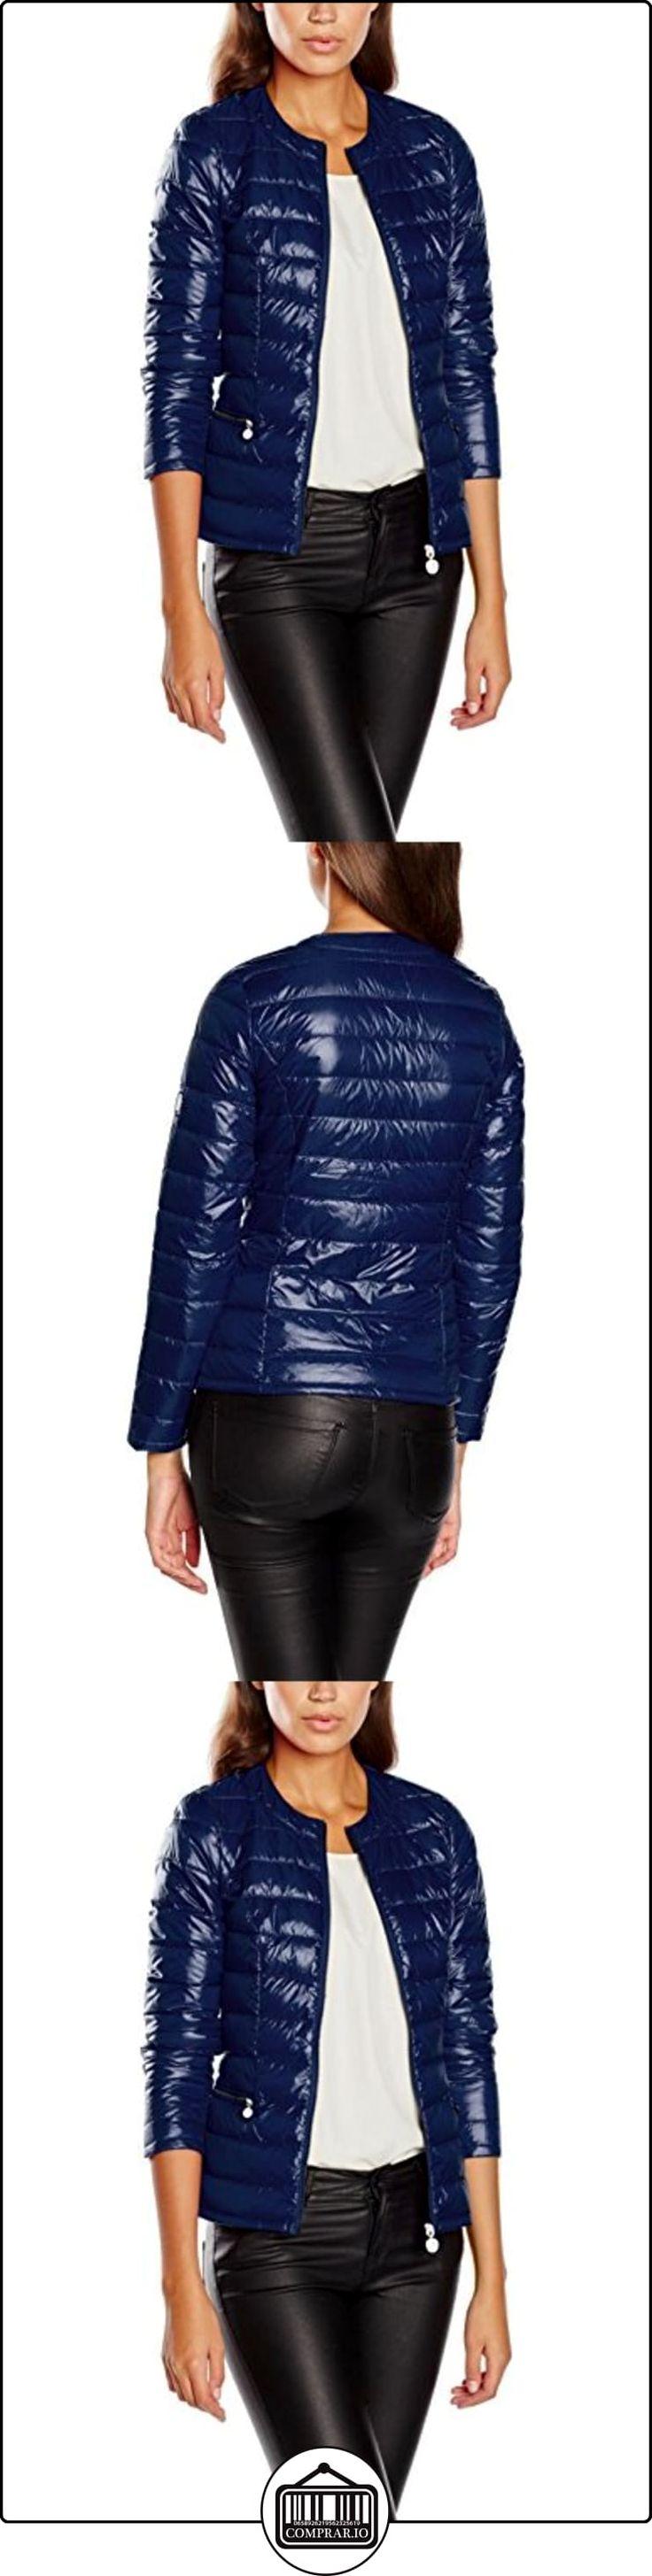 Morgan Gatop.N, Impermeable para Mujer, Azul, 40  ✿ Abrigos y chaquetas ✿